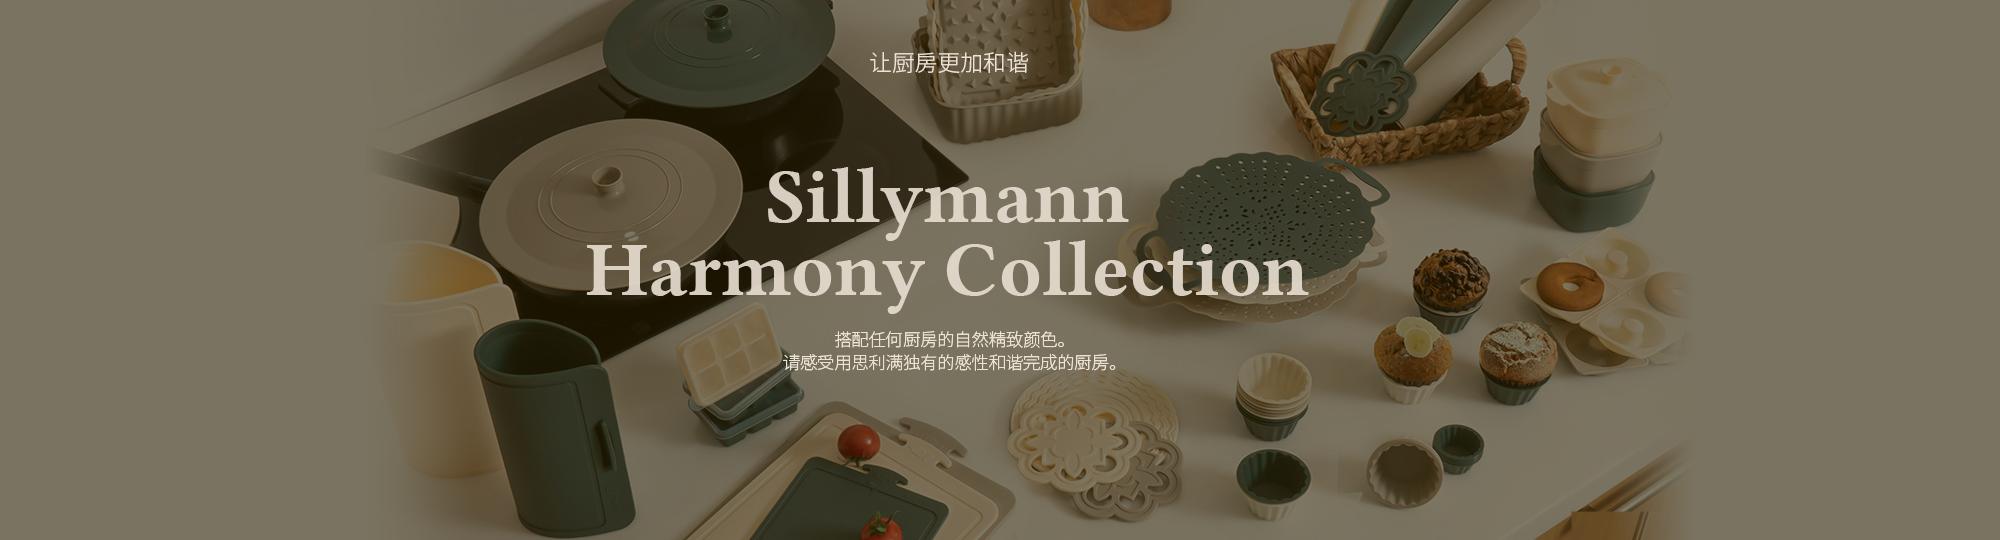 하모니 컬렉션